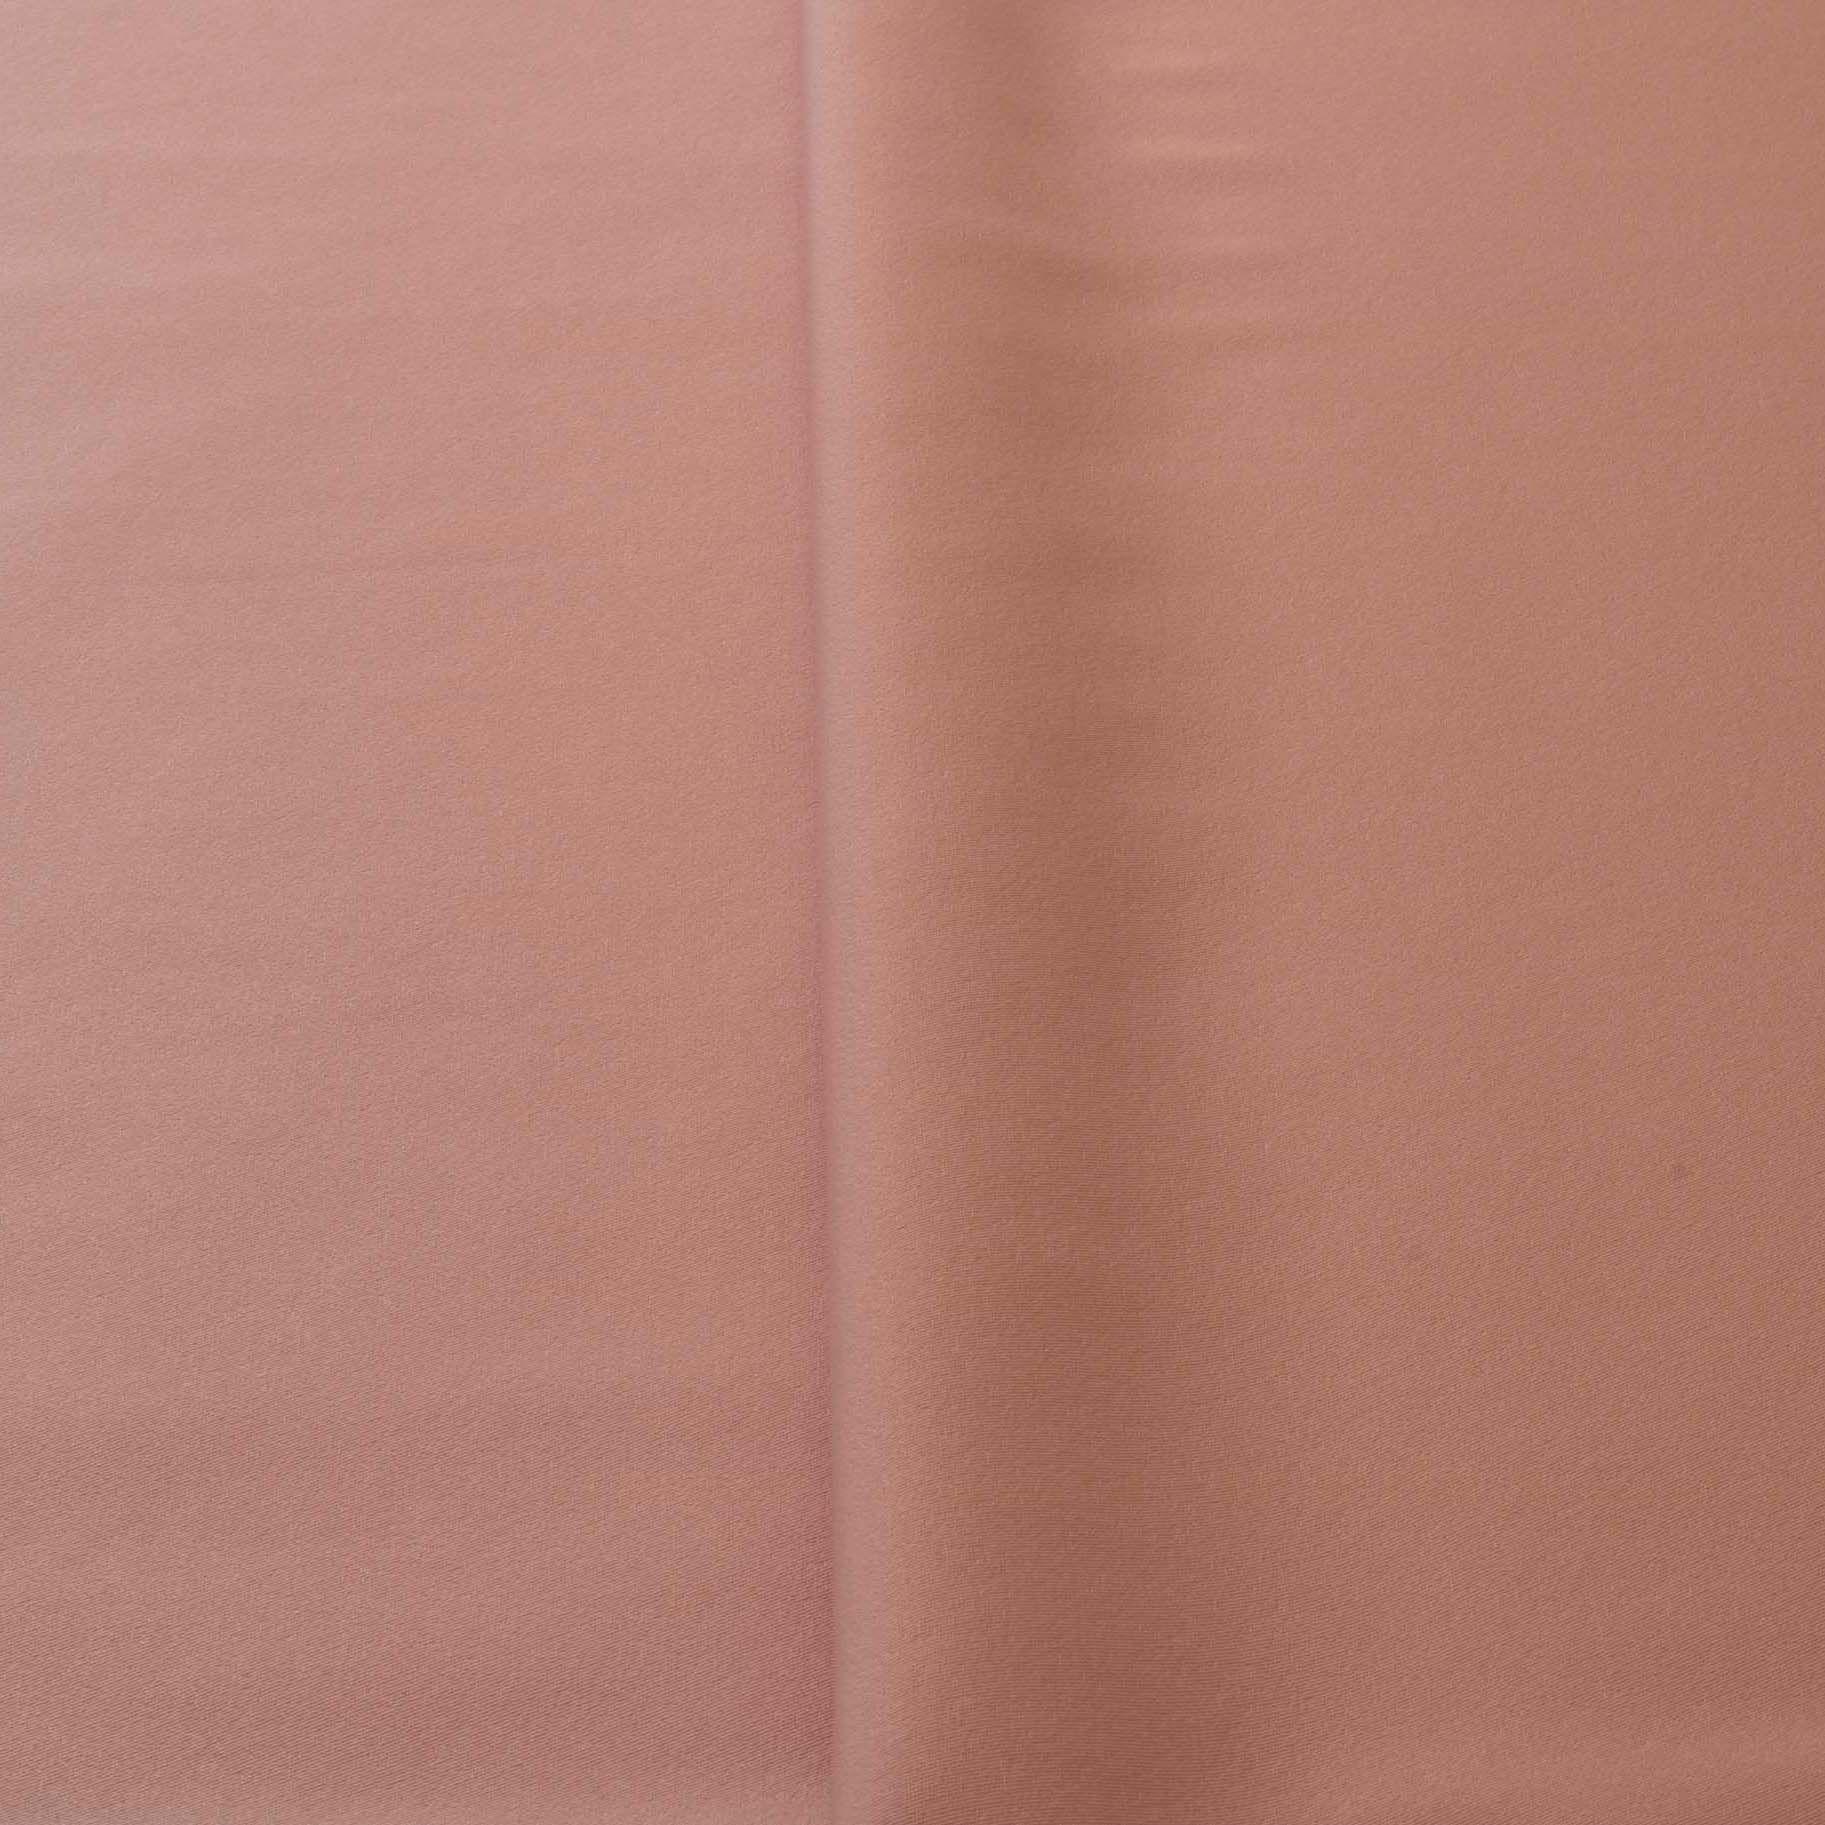 Tecido Gabardine Two Way Rose com Elastano 96% Poliester 4% Elastano 1,50 m Largura